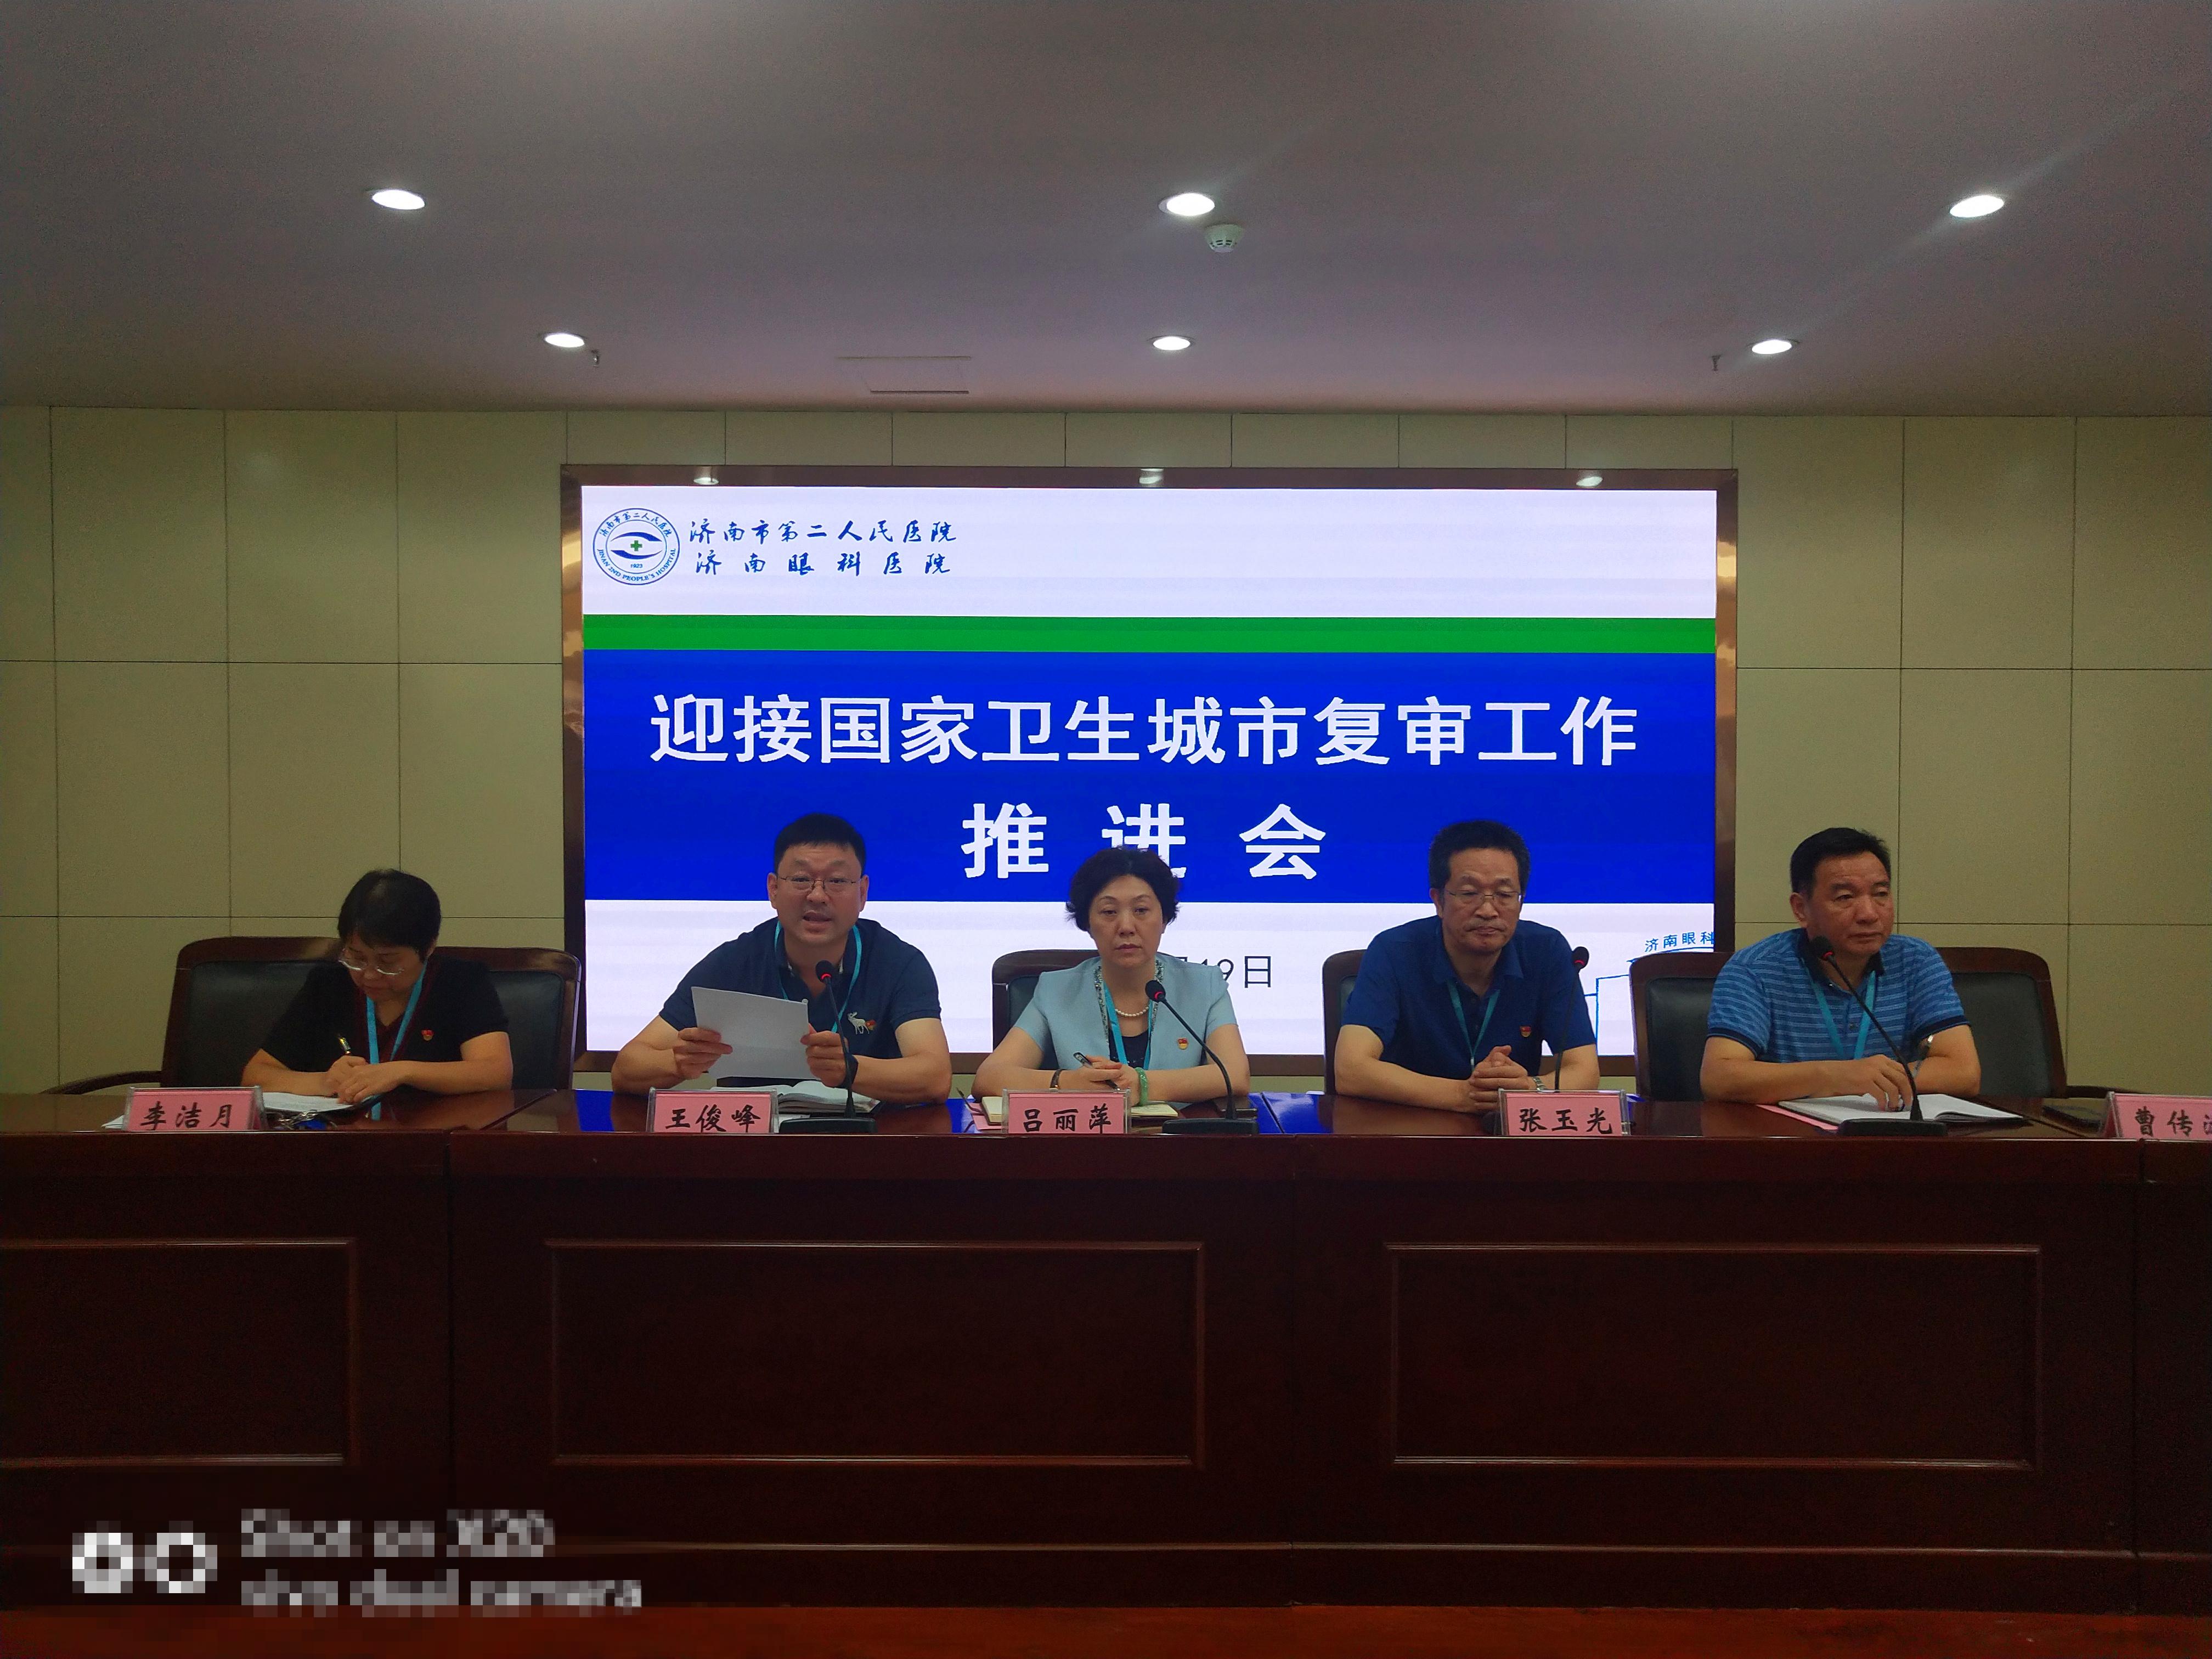 济南市第二人民医院召开全院迎接国家卫生城市复审工作推进会